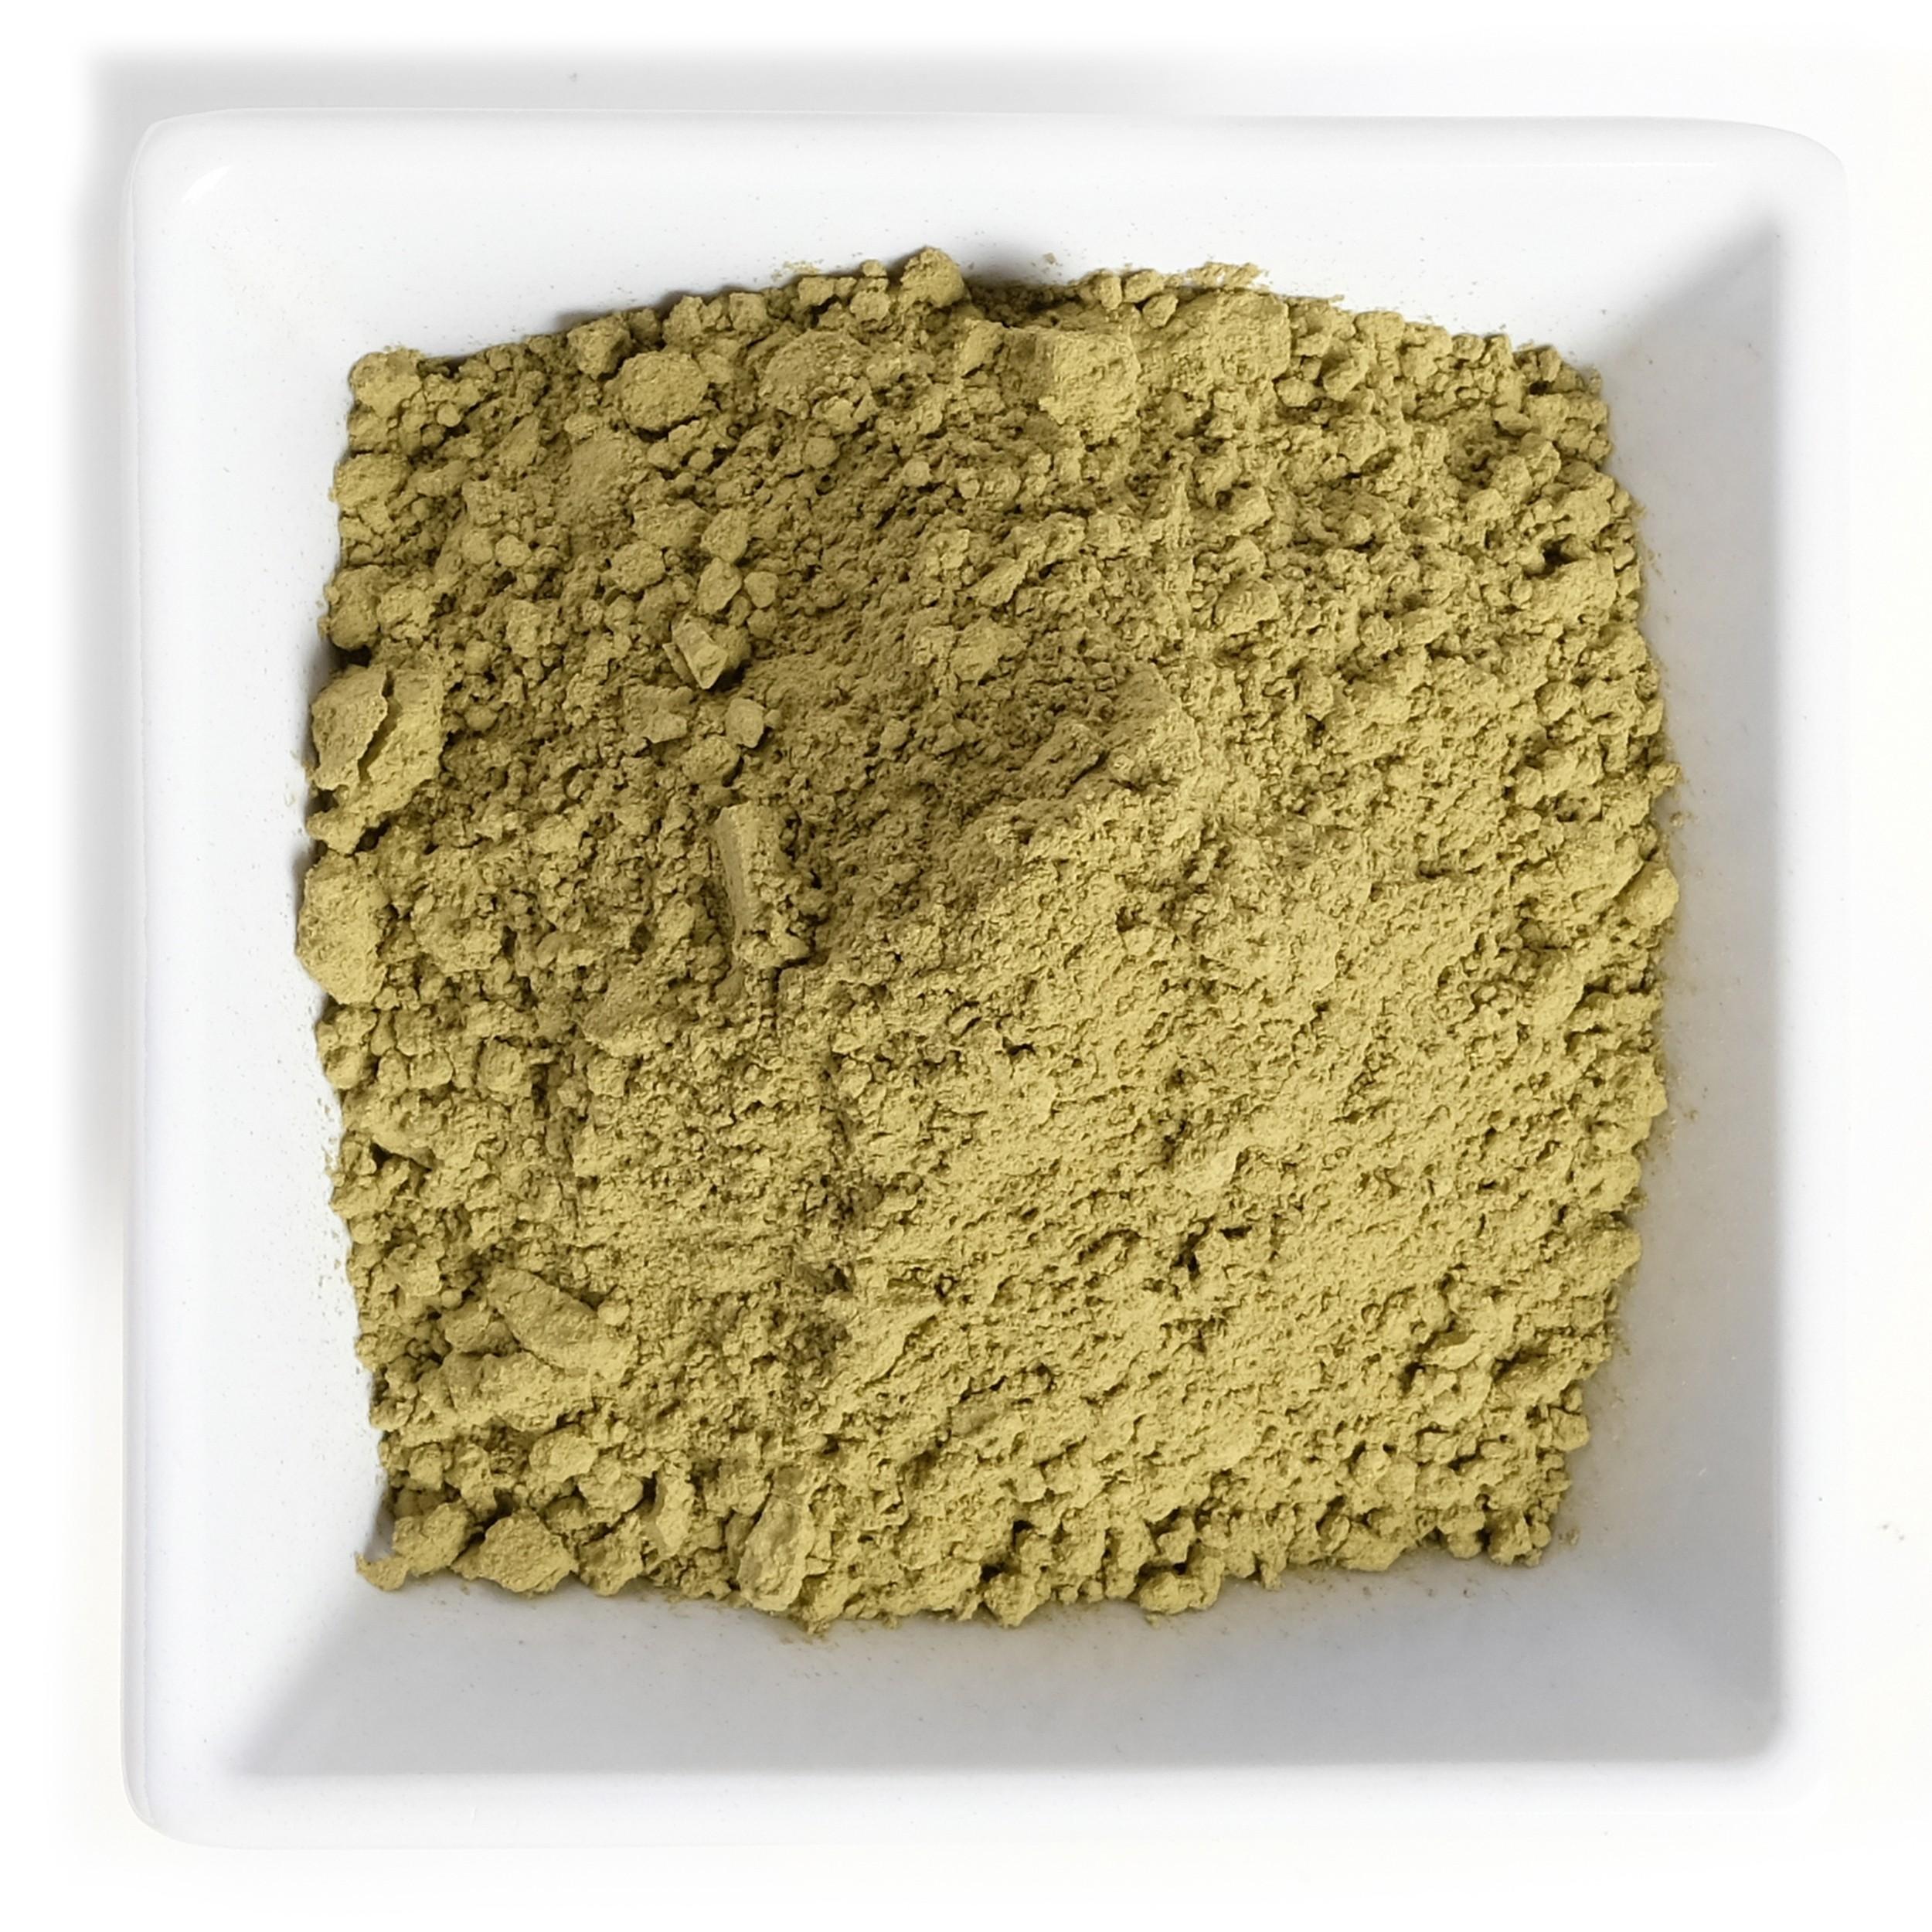 White Vein Sumatran Kratom Powder